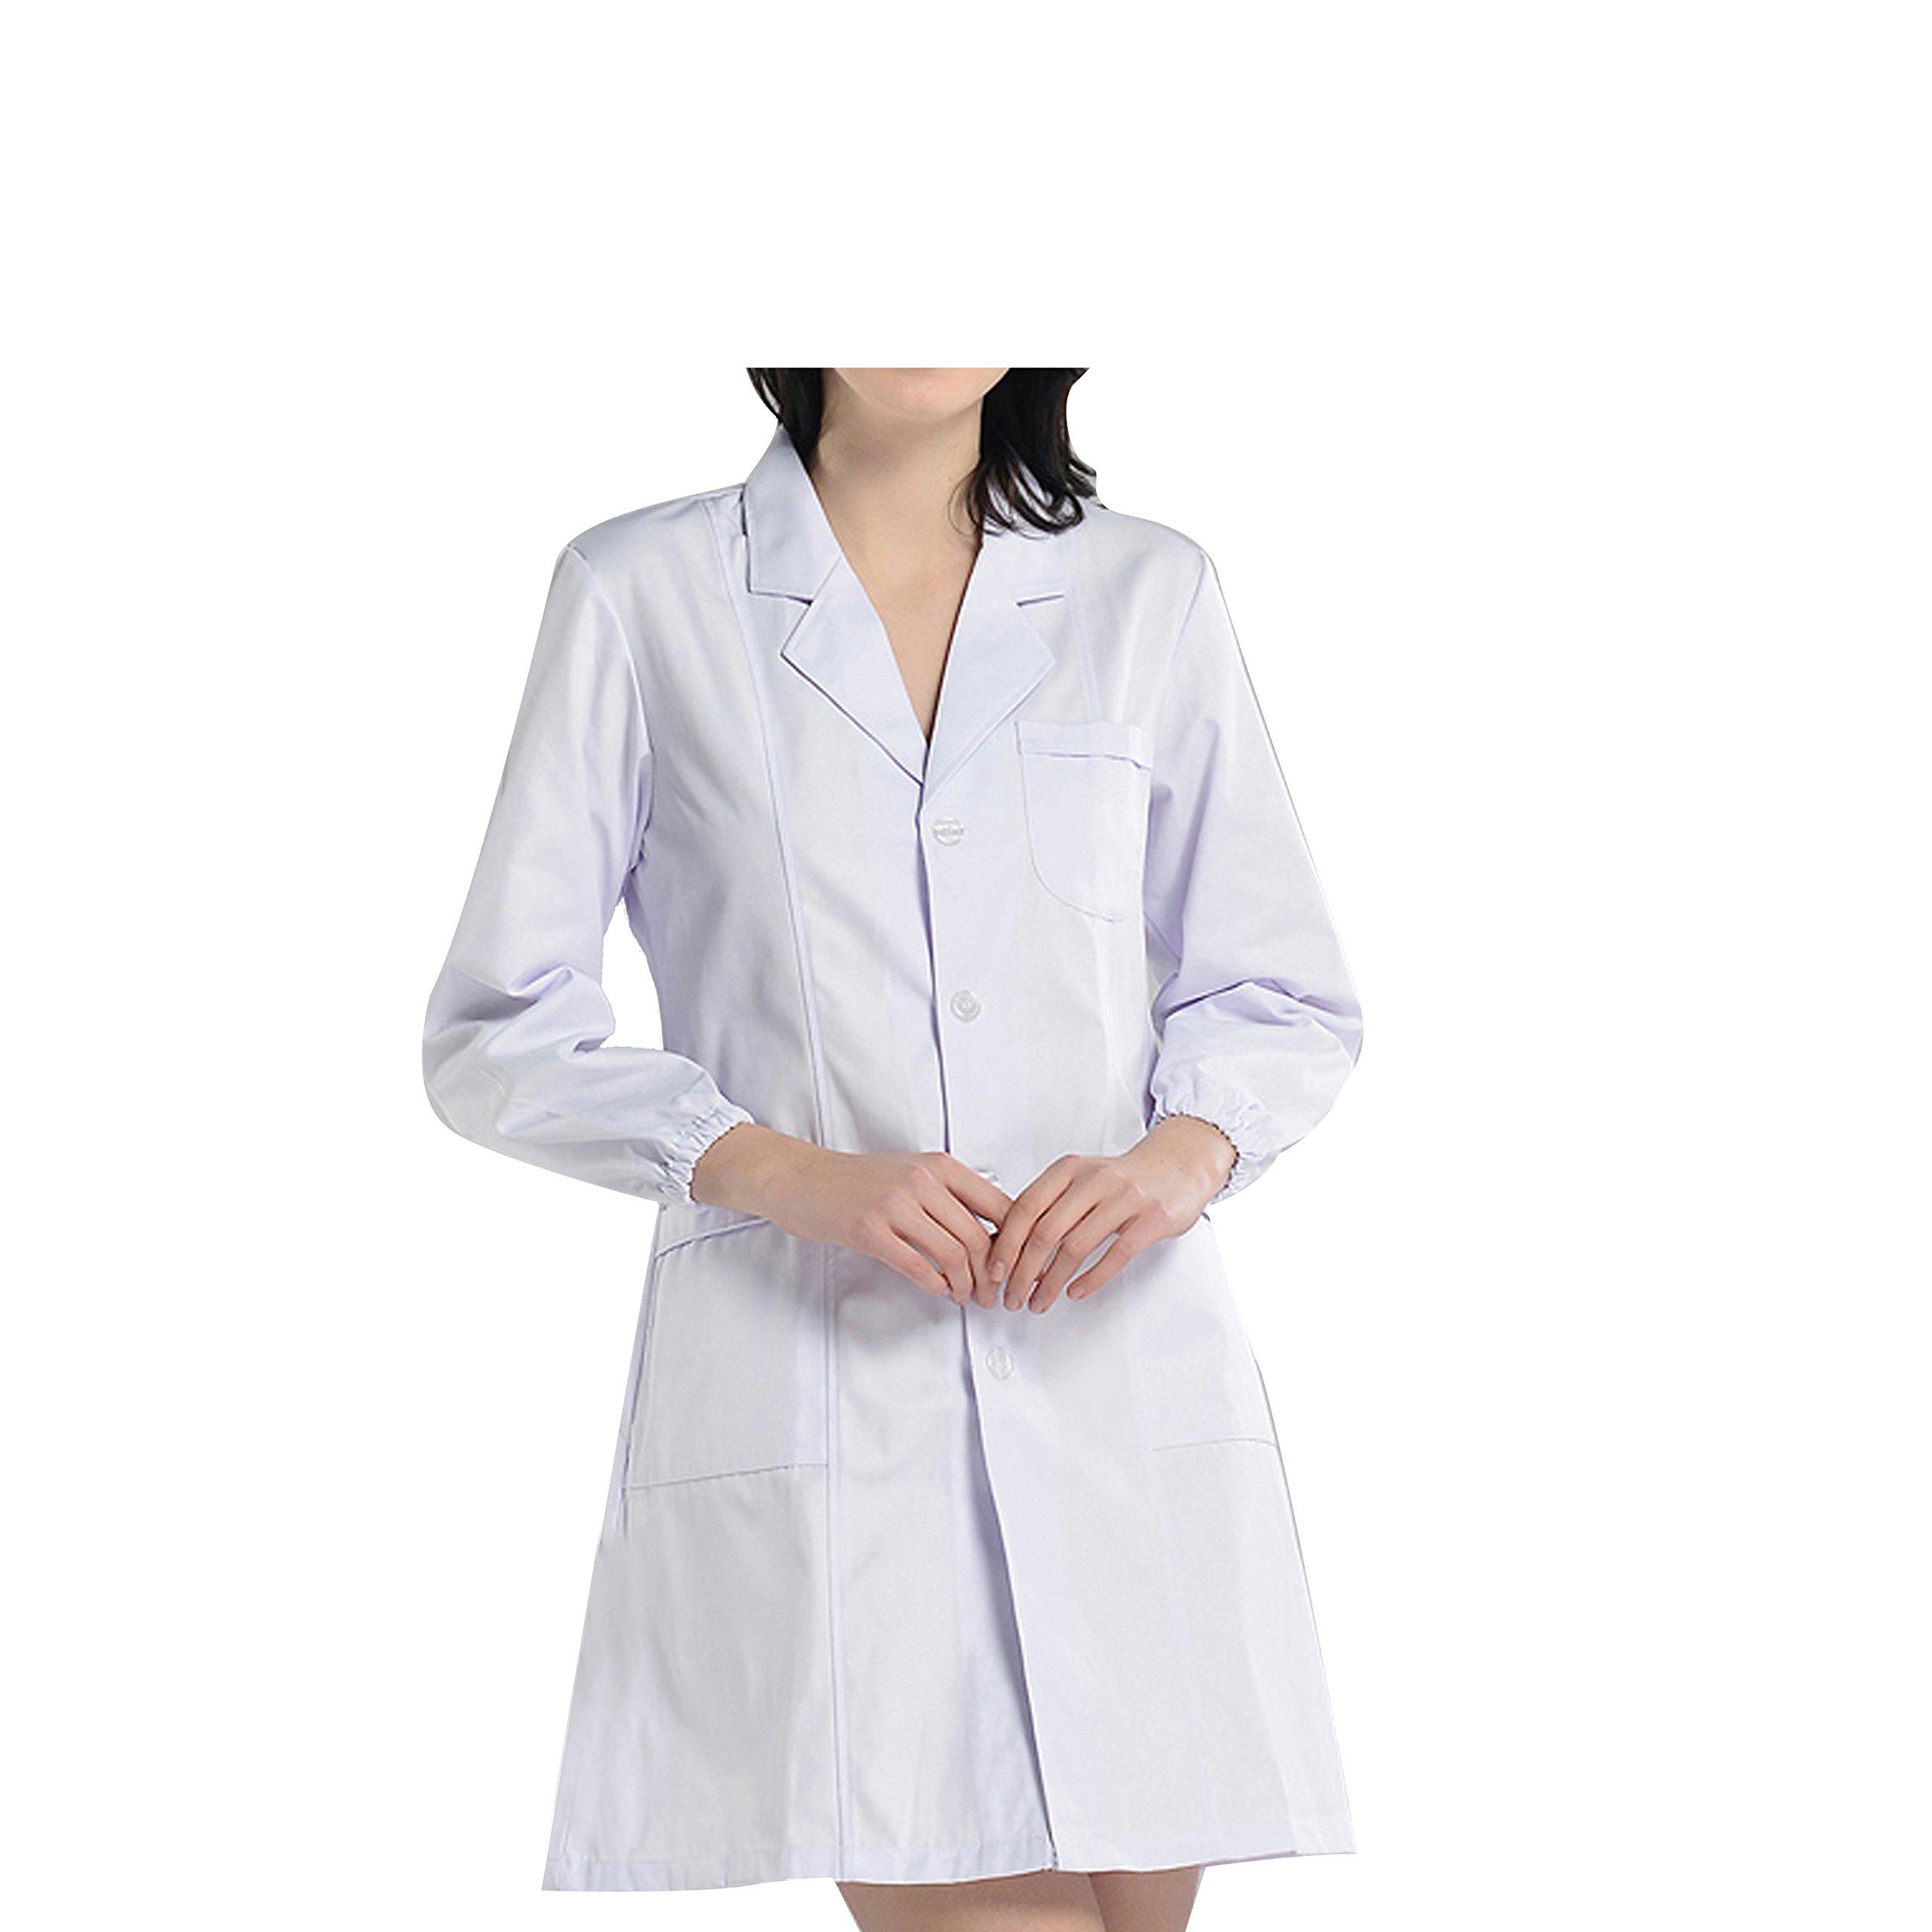 BSTT Donna Camice da Laboratorio Bianca Abbigliamento da Lavoro e Divise  Nuovo miglioramento product image c3b262c96c40